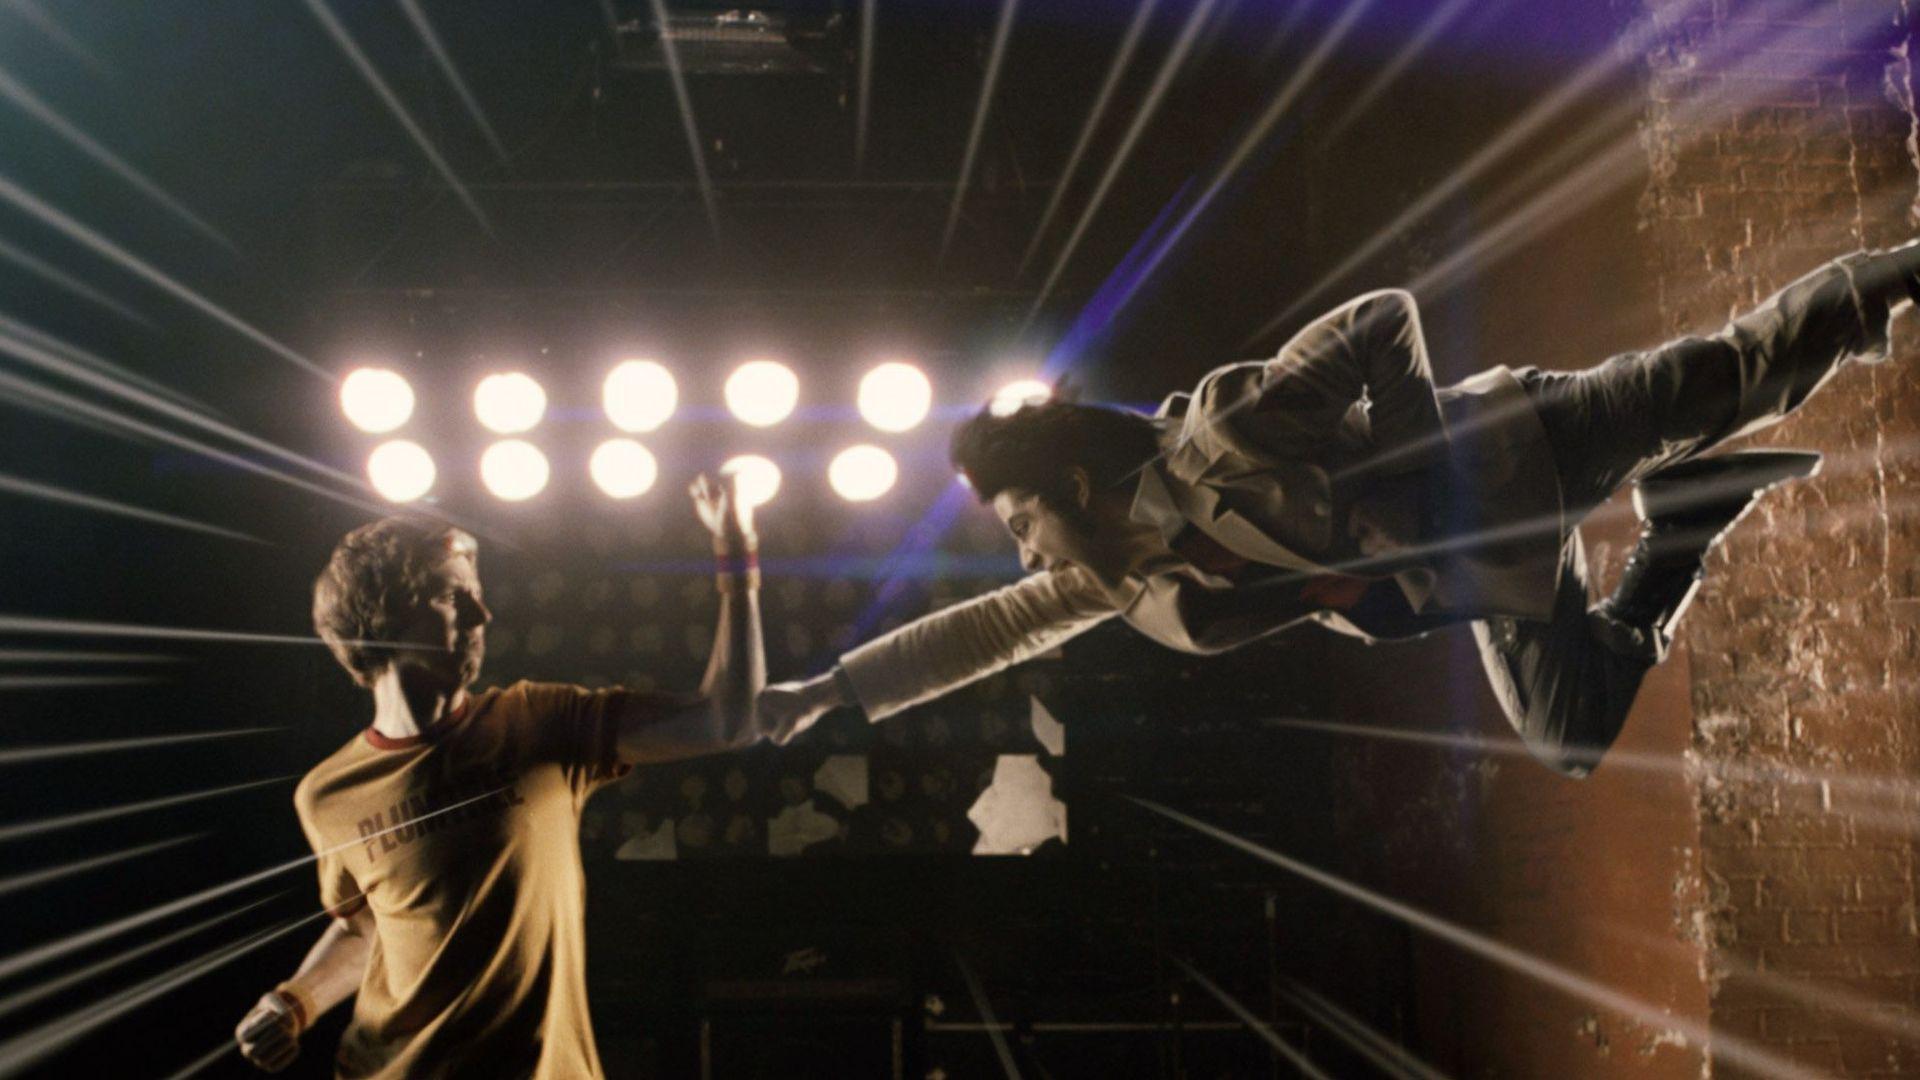 Cinema's Dueling Versus Movies - Scott Pilgrim vs. The World